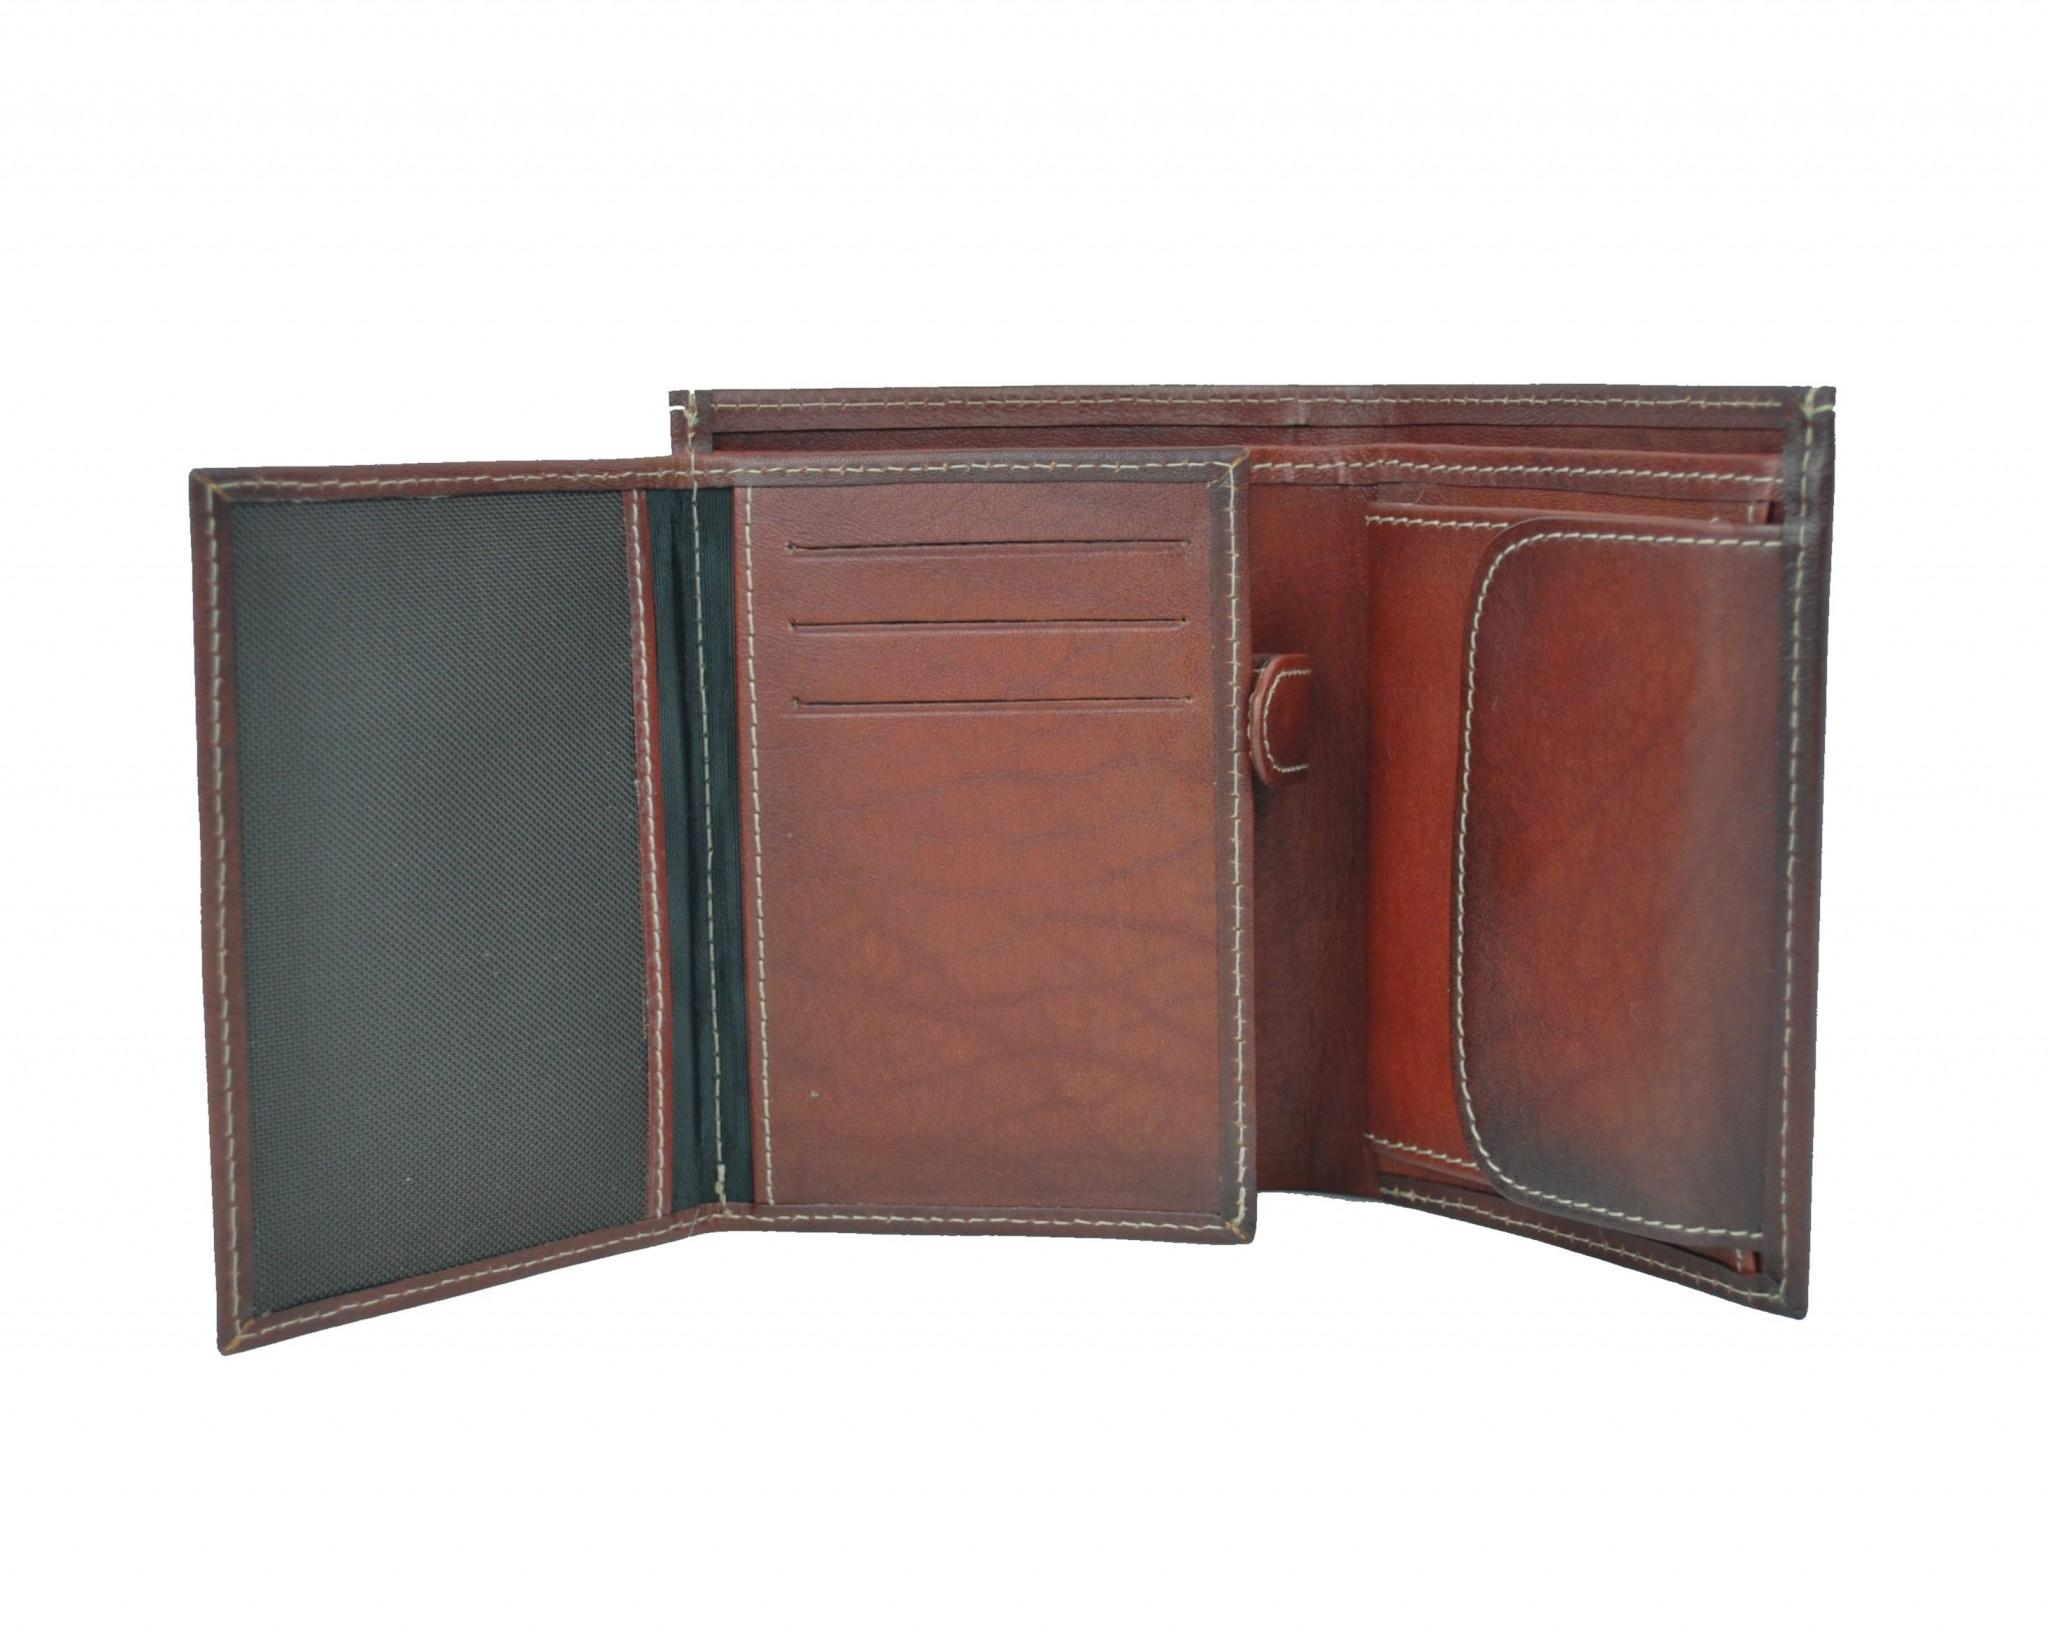 Luxusná kožená peňaženka č.8560 v bordovej farbe ·   Predošlé ... a1d7d3ba9d0